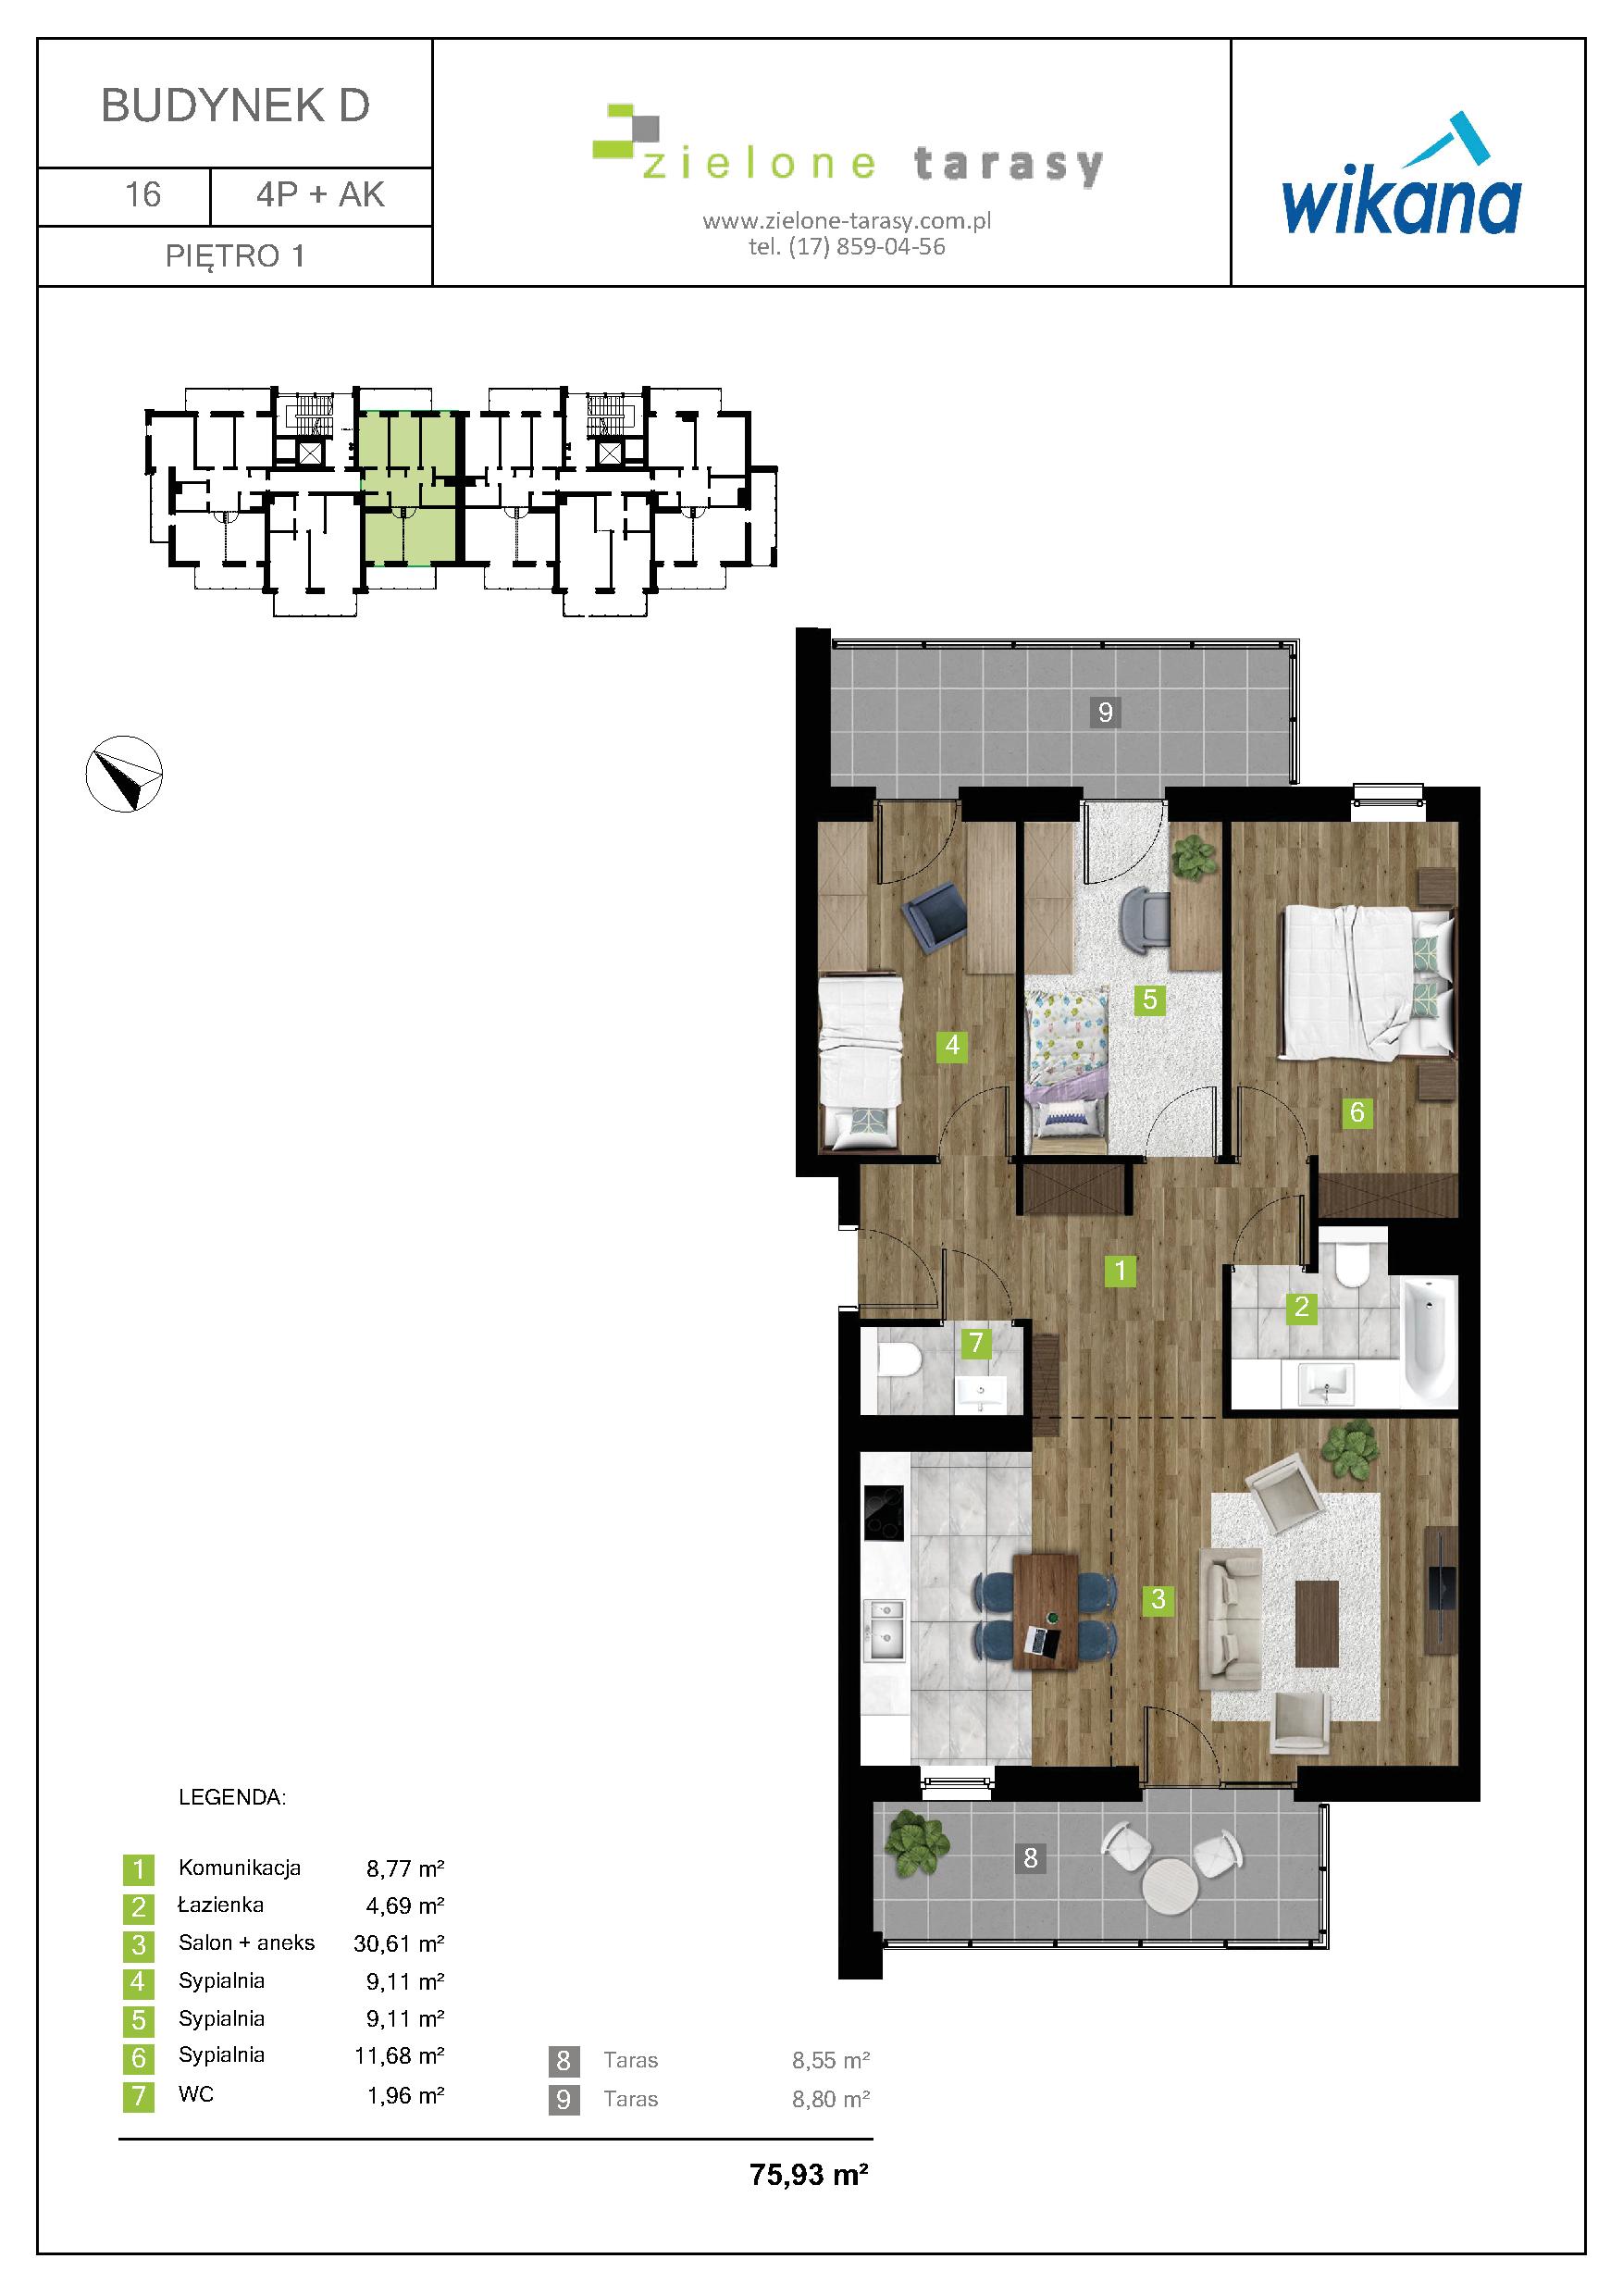 sprzedaż mieszkań rzeszów - D-16